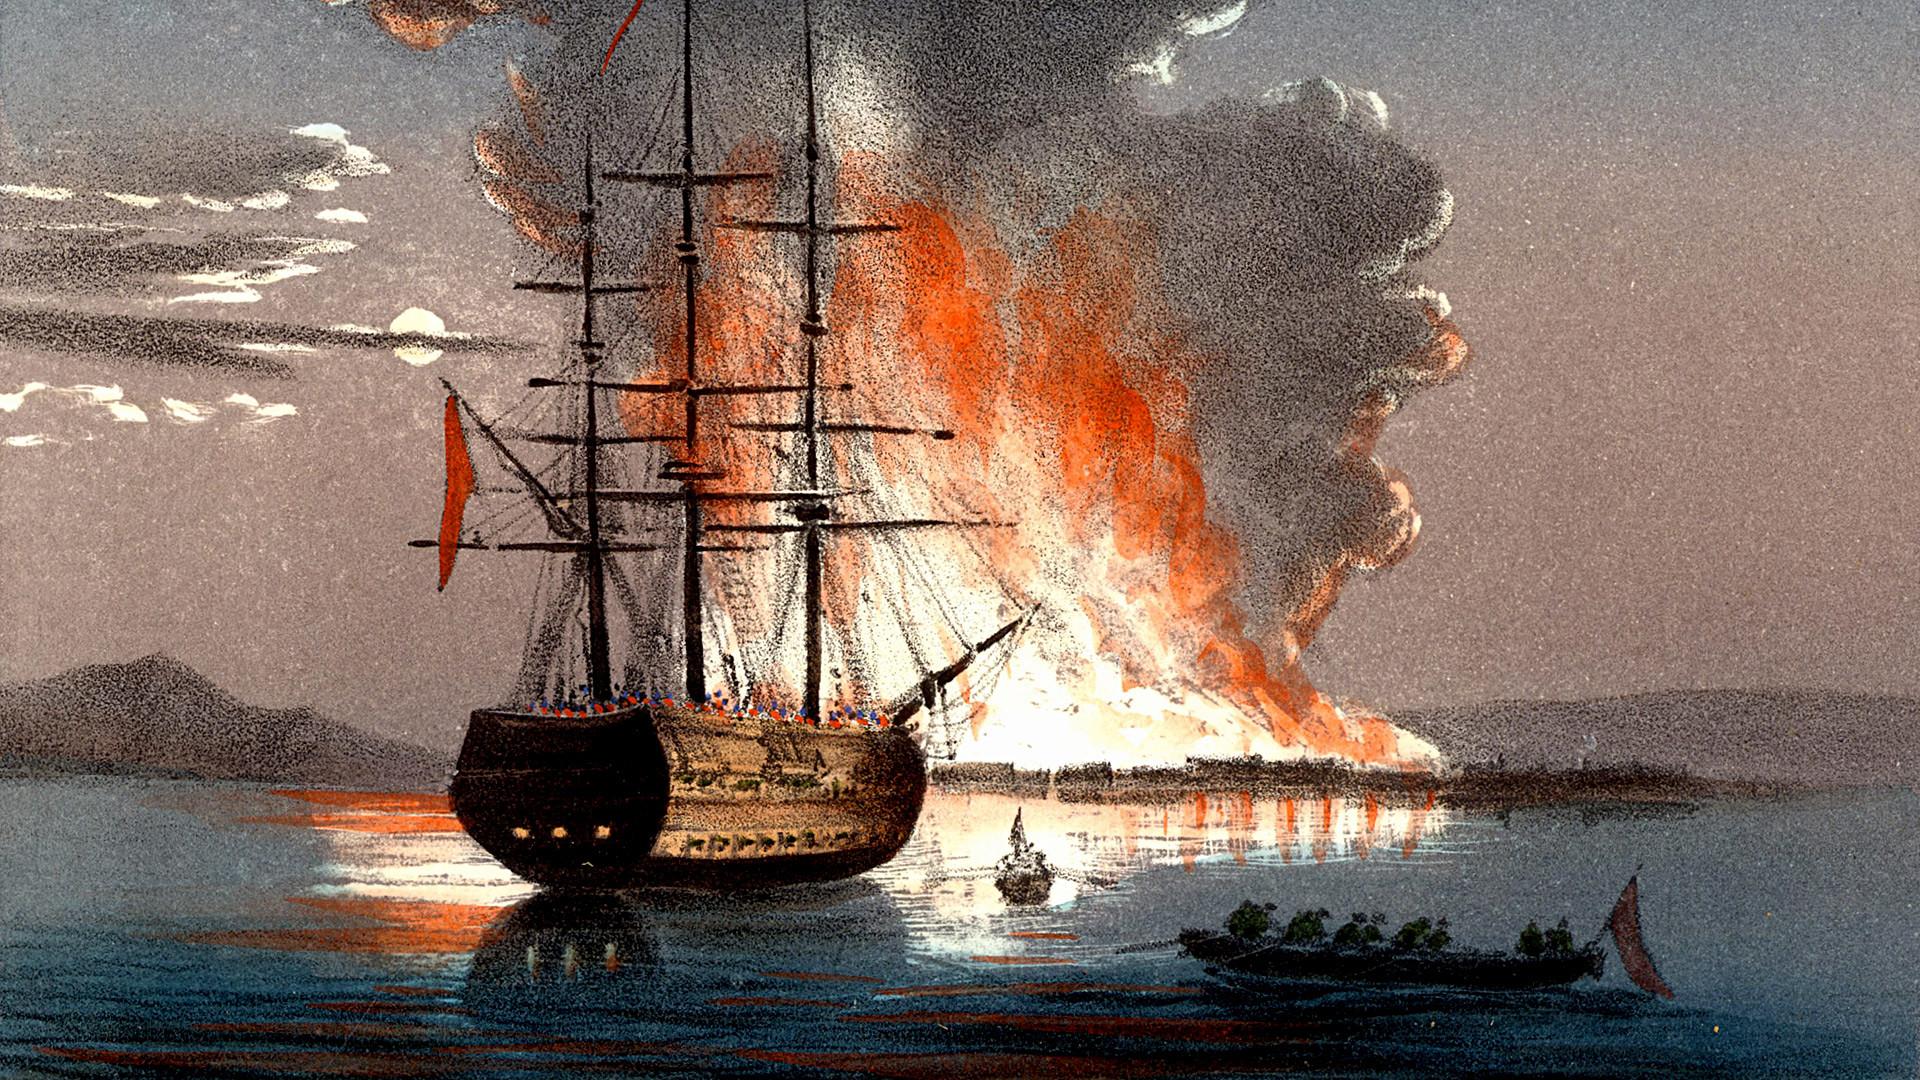 Verbrennung des Redoutes bei Kale (Canakkale) an der Mündung der Dardanellen